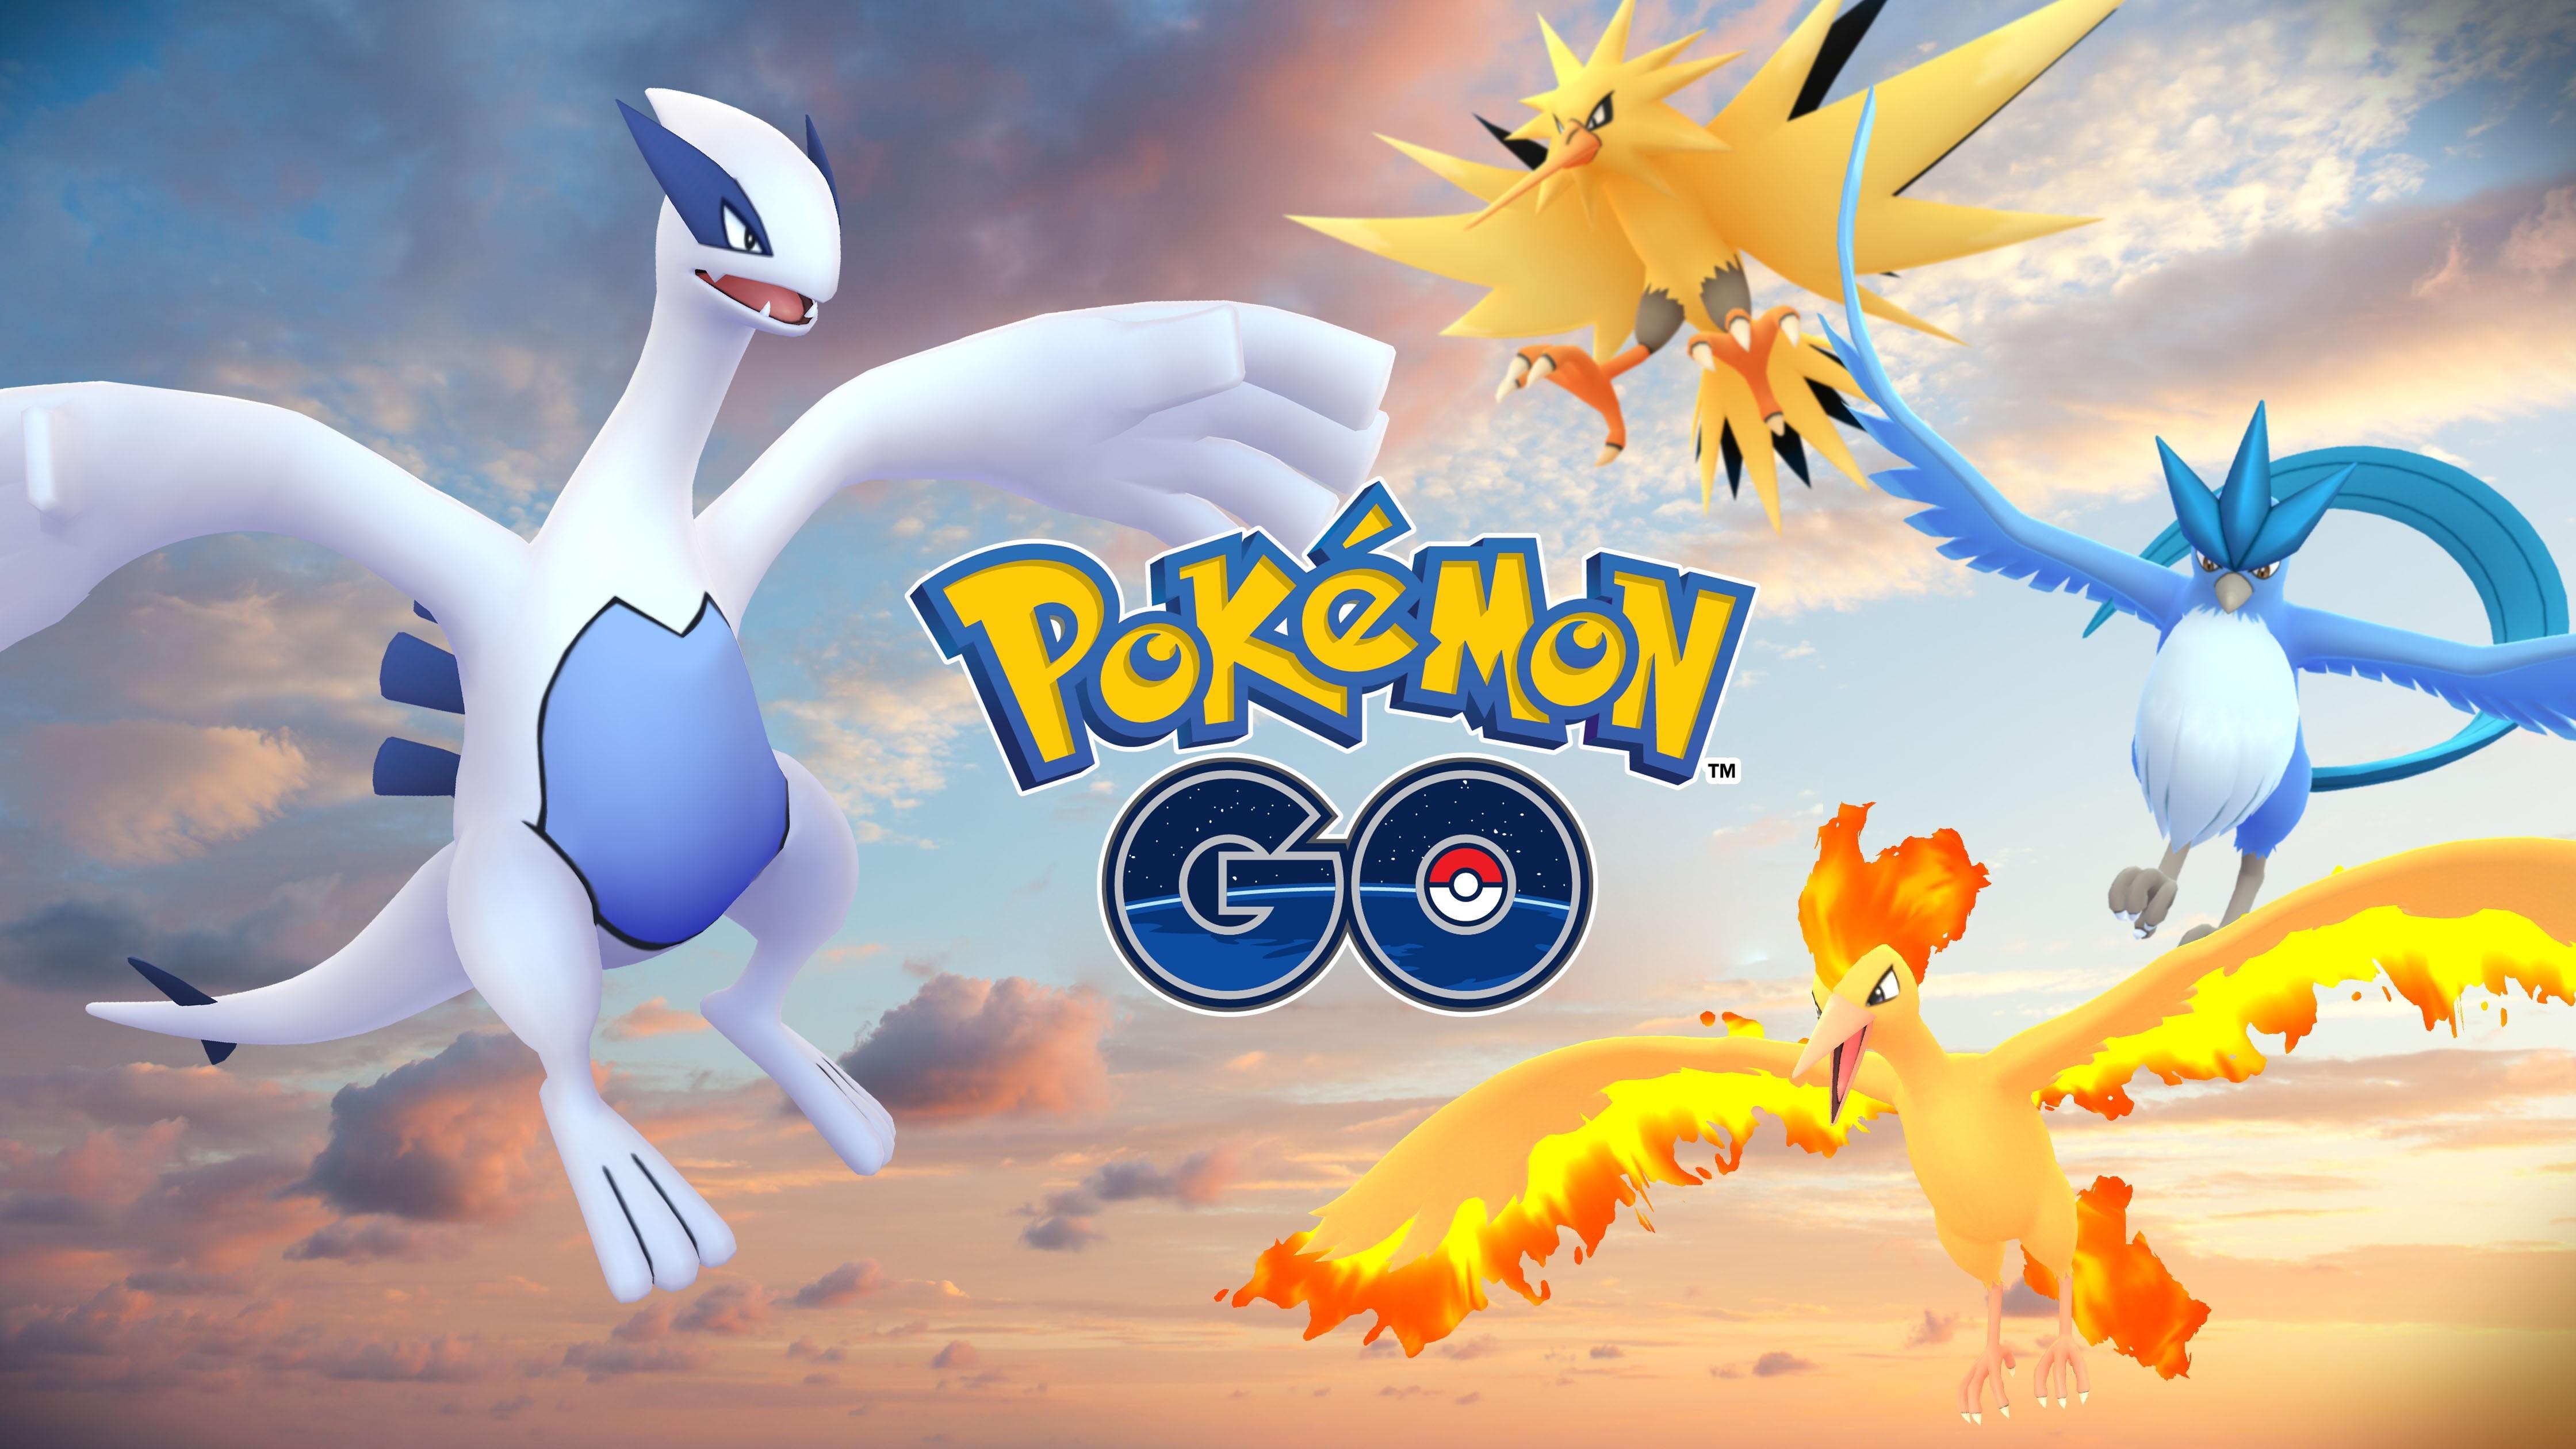 В Pokémon GO скоро появится режим PvP-битвы